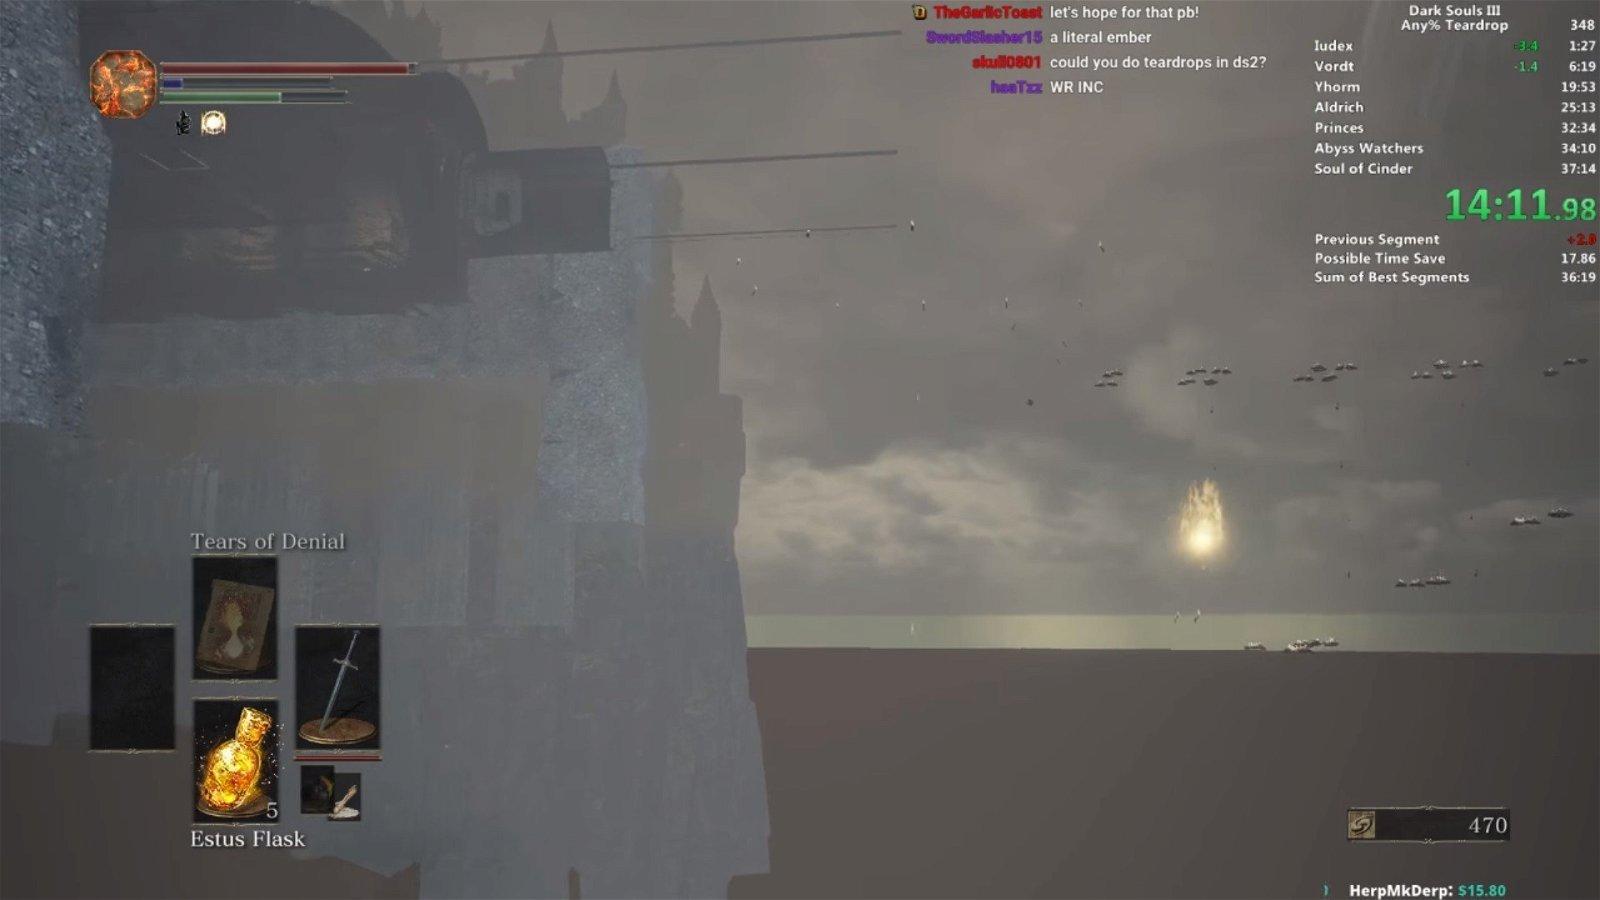 Dark Souls 3: Un speedrunner establece un nuevo récord tras dejar el juego roto con un glitch